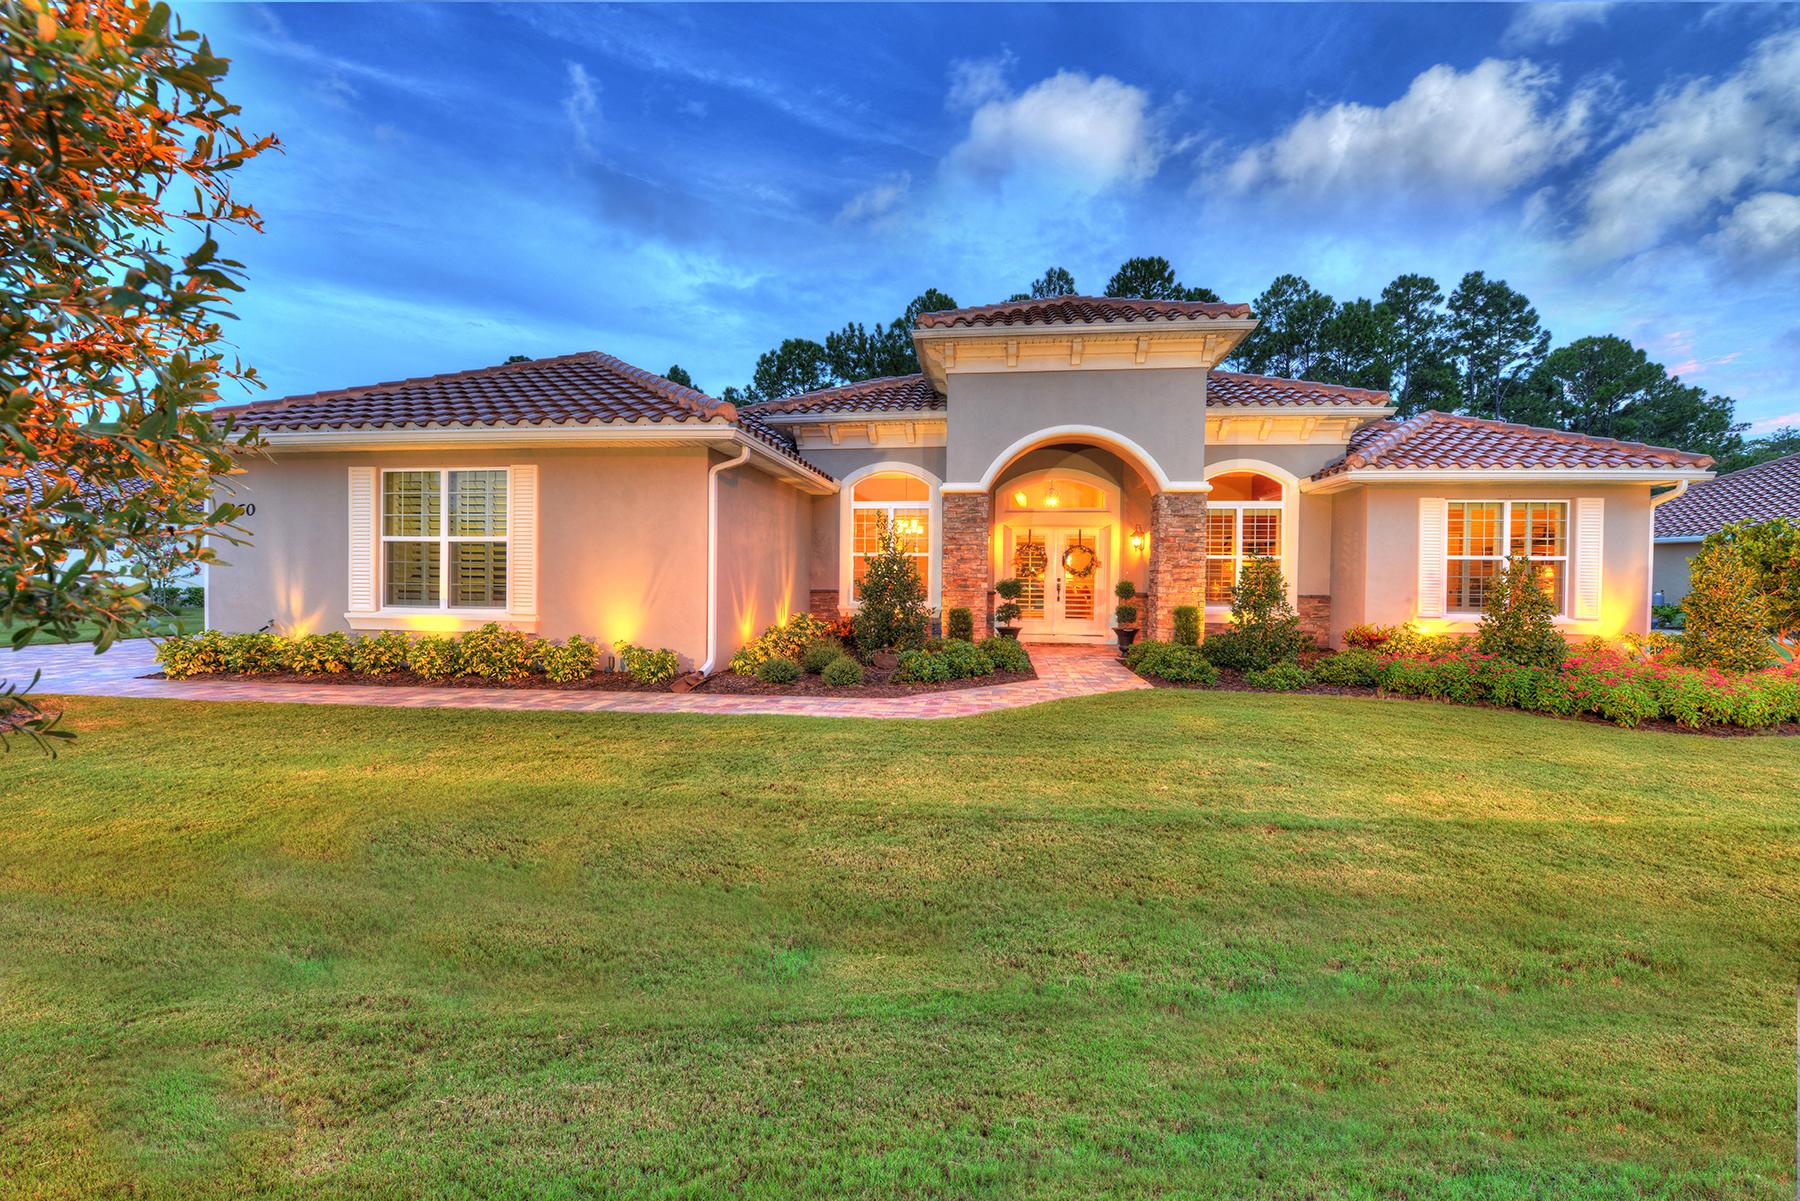 Casa para uma família para Venda às NEW SMYRNA BEACH 260 Portofino Blvd New Smyrna Beach, Florida, 32168 Estados Unidos